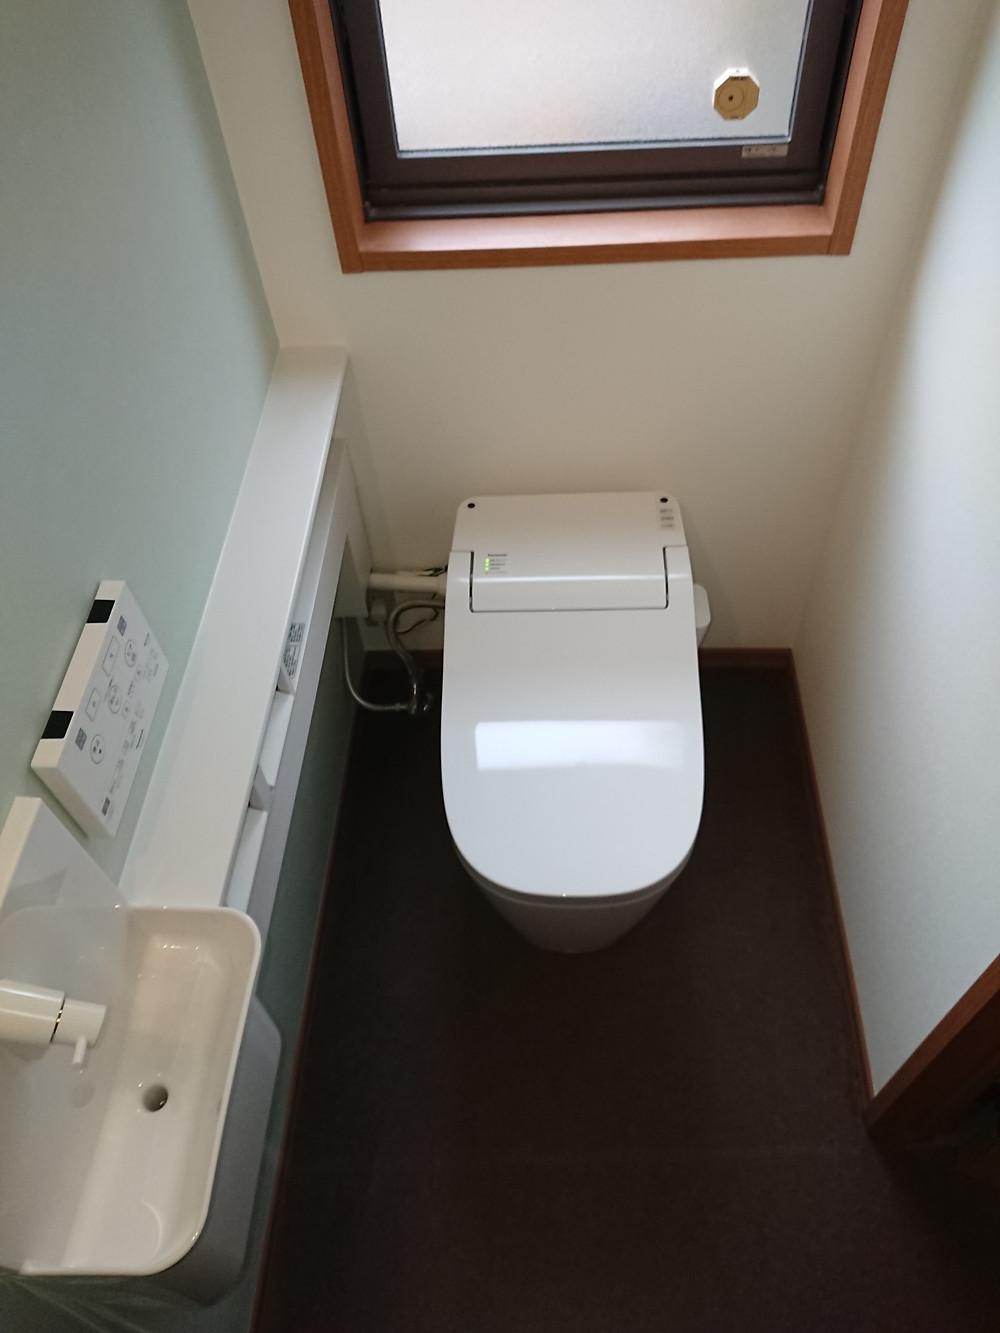 豊中市 H邸トイレリフォーム施工後 Panasonic アラウーノS2専用手洗い